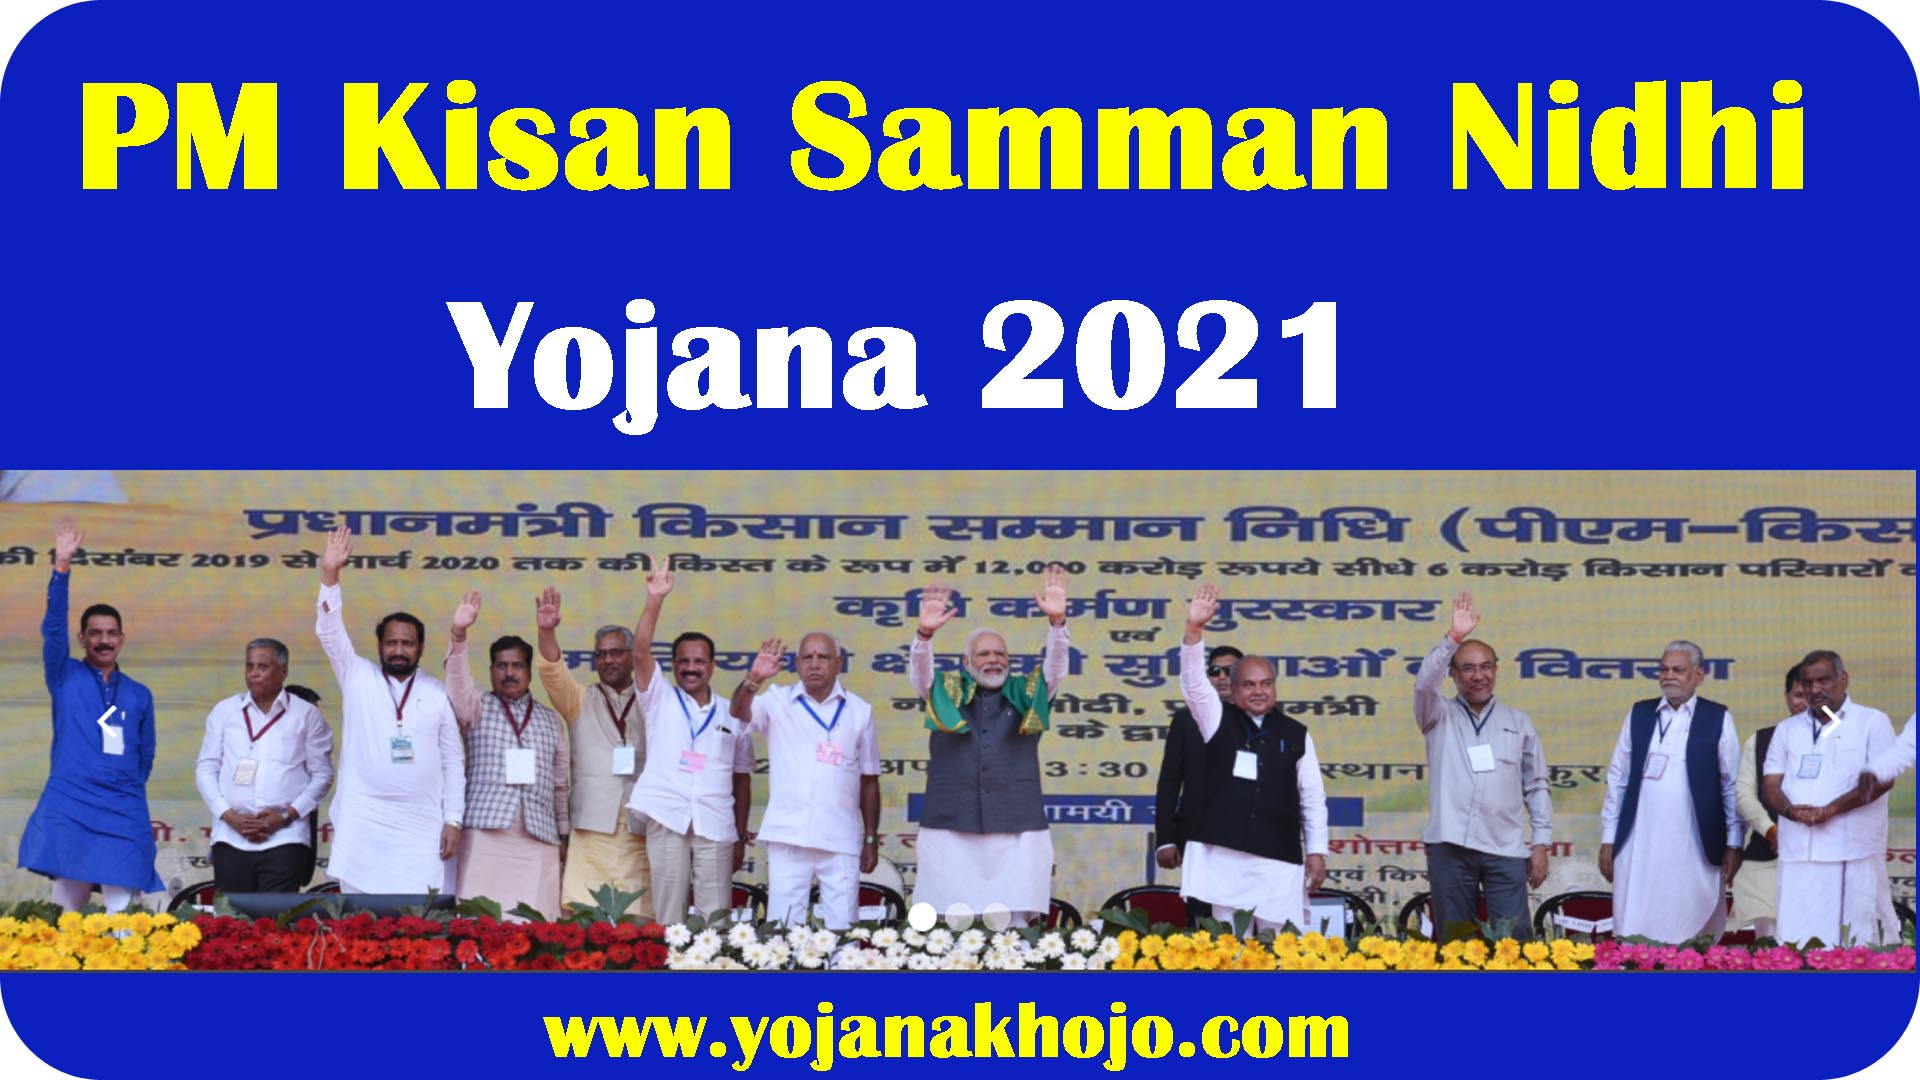 PM Kisan Samman Nidhi Yojana Registration 2021 | PM Kisan Apply Online 2021